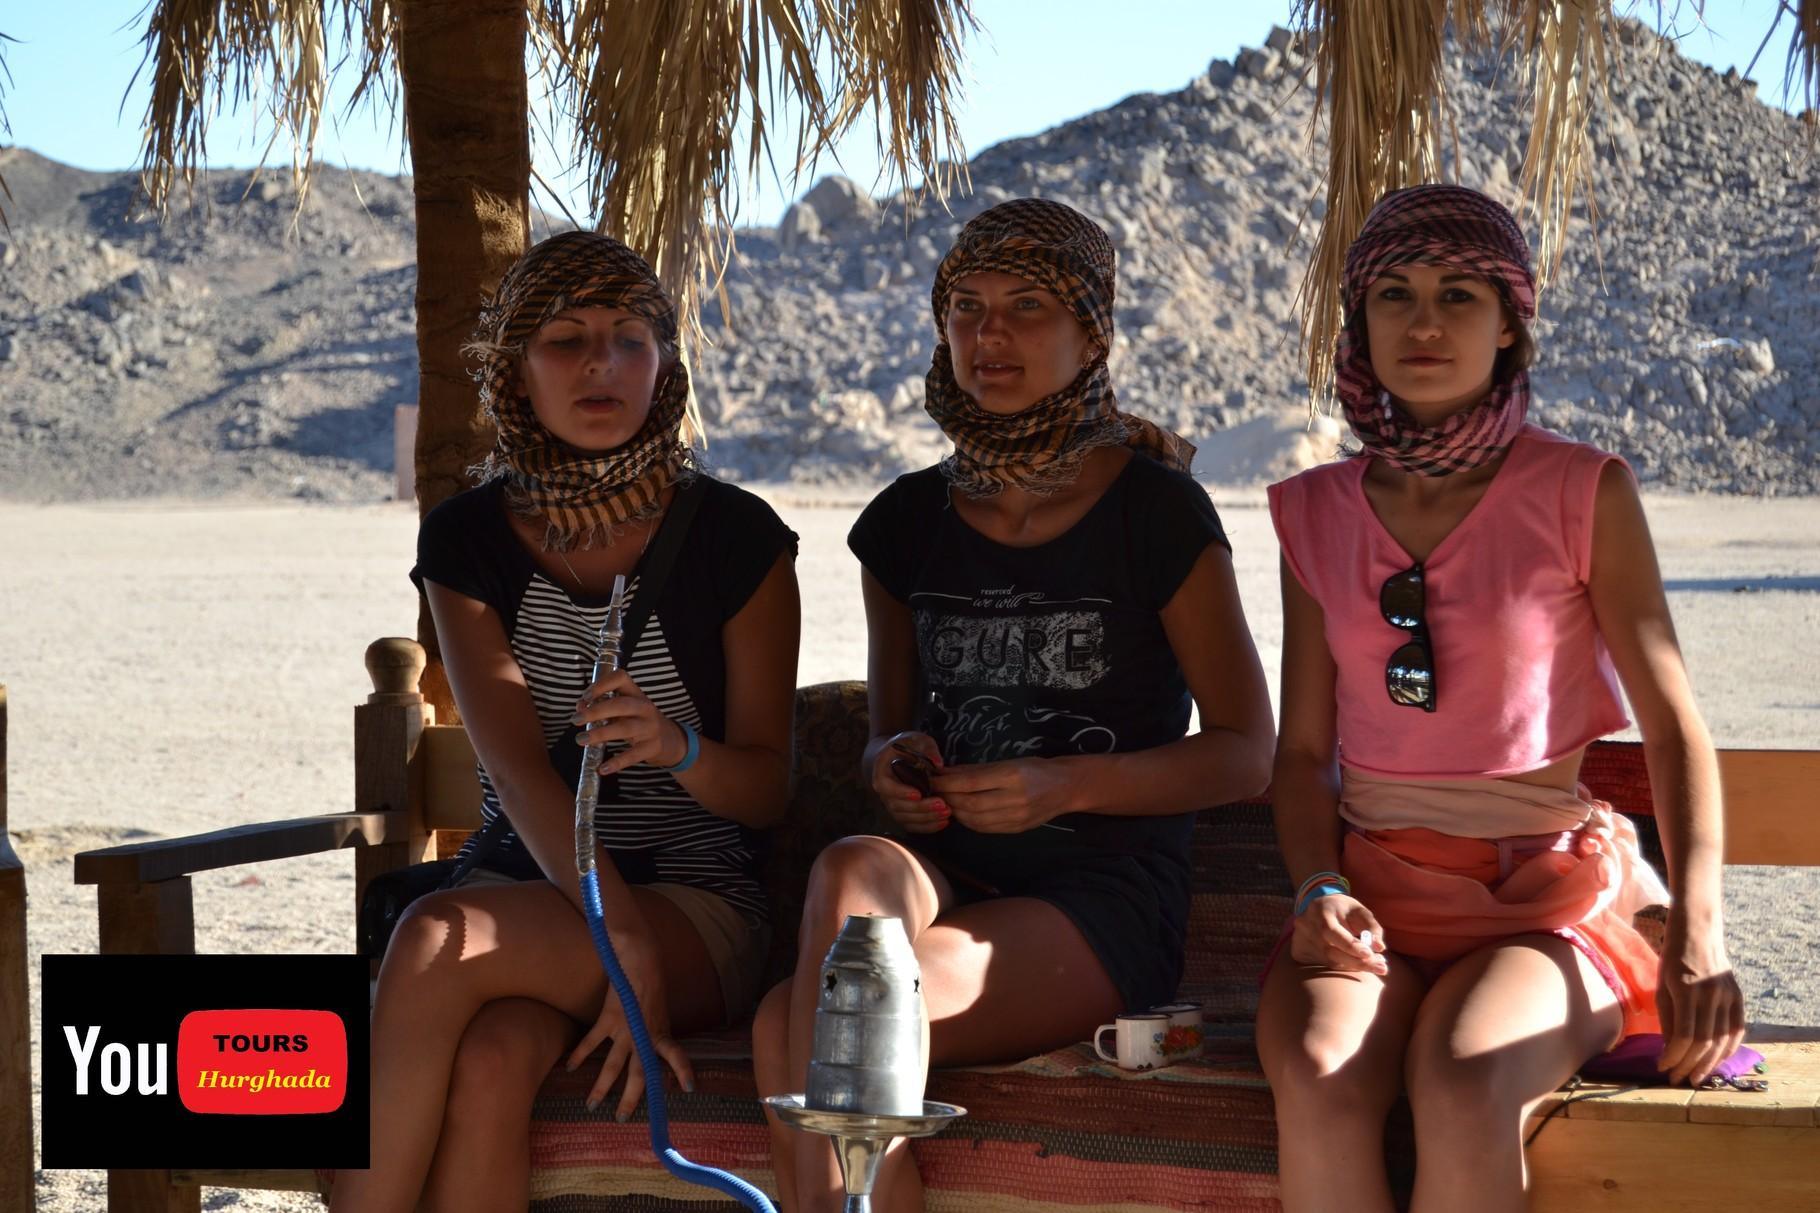 Schisha Rauchen in der Wüste